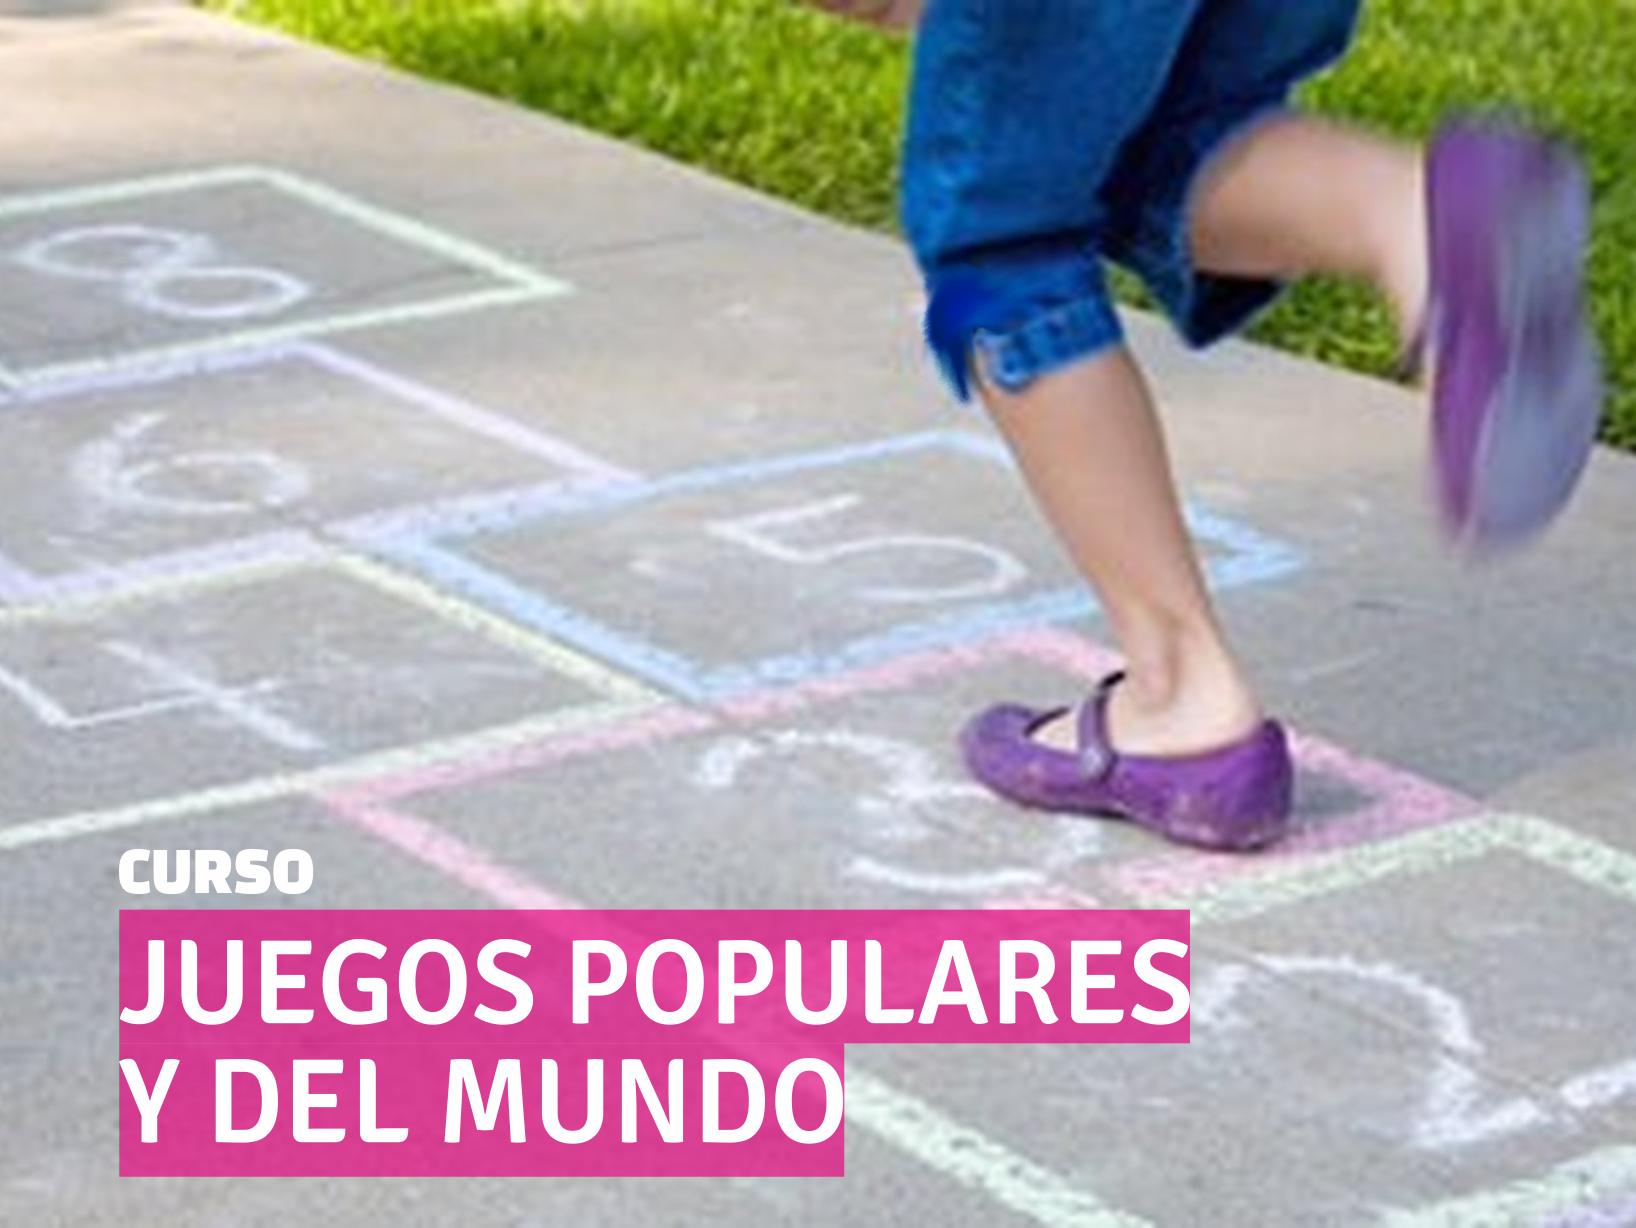 Curso JUEGOS POPULARES Y DEL MUNDO